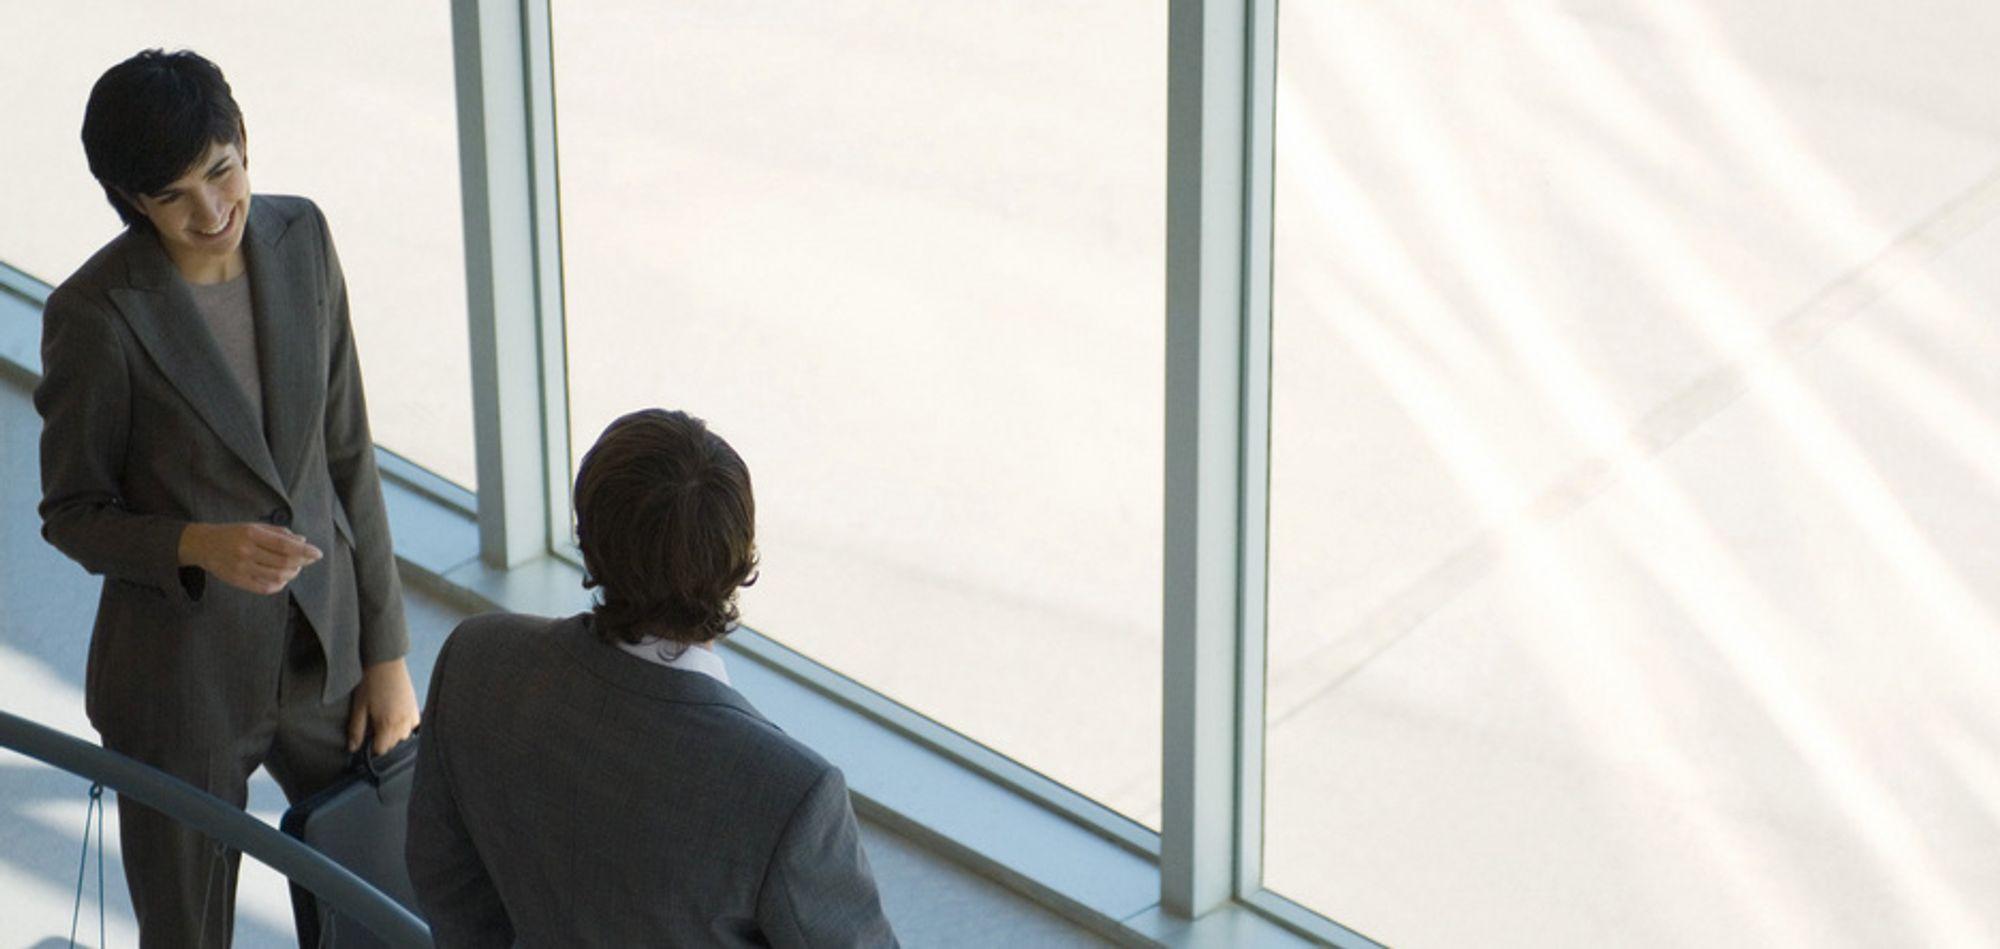 LEDELSE: En god sjef tar ikke æren for de ansattes suksesser, men gir belønning.